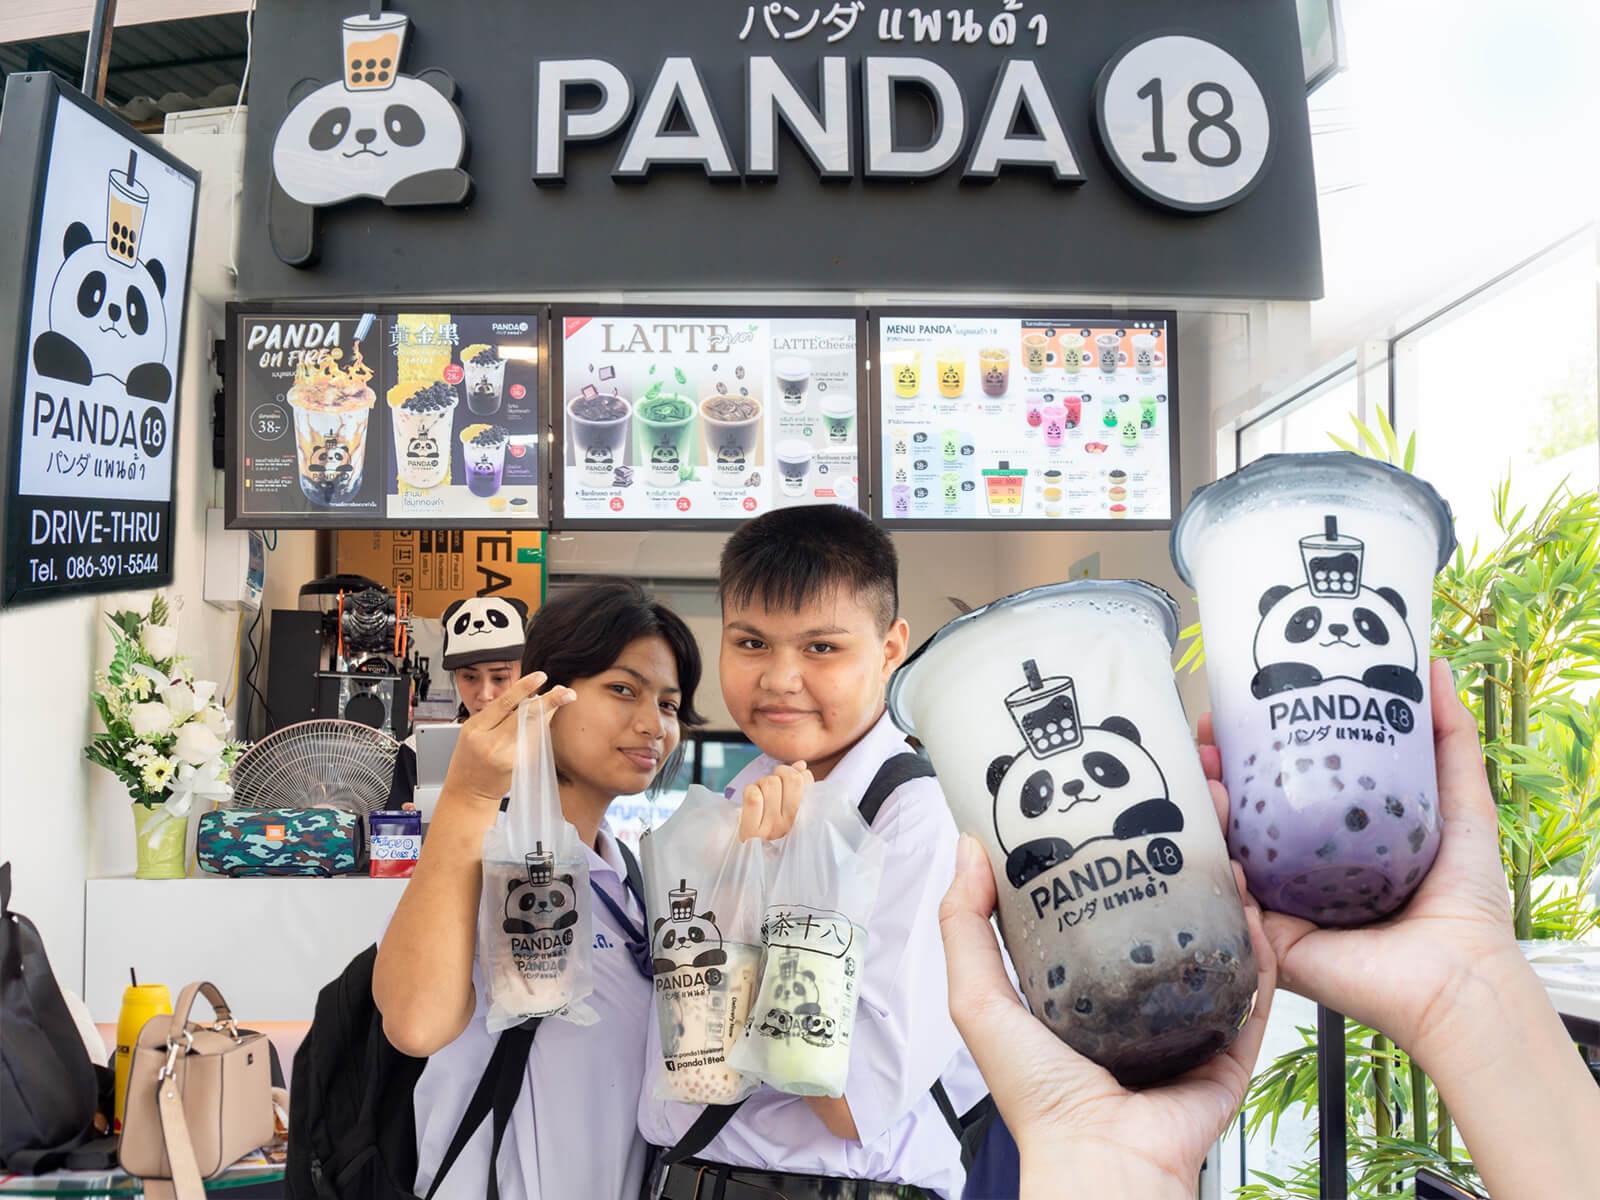 เปิดร้าน แพนด้า18 ชานมไข่มุก สาขาร่มเกล้าแล้ว!!